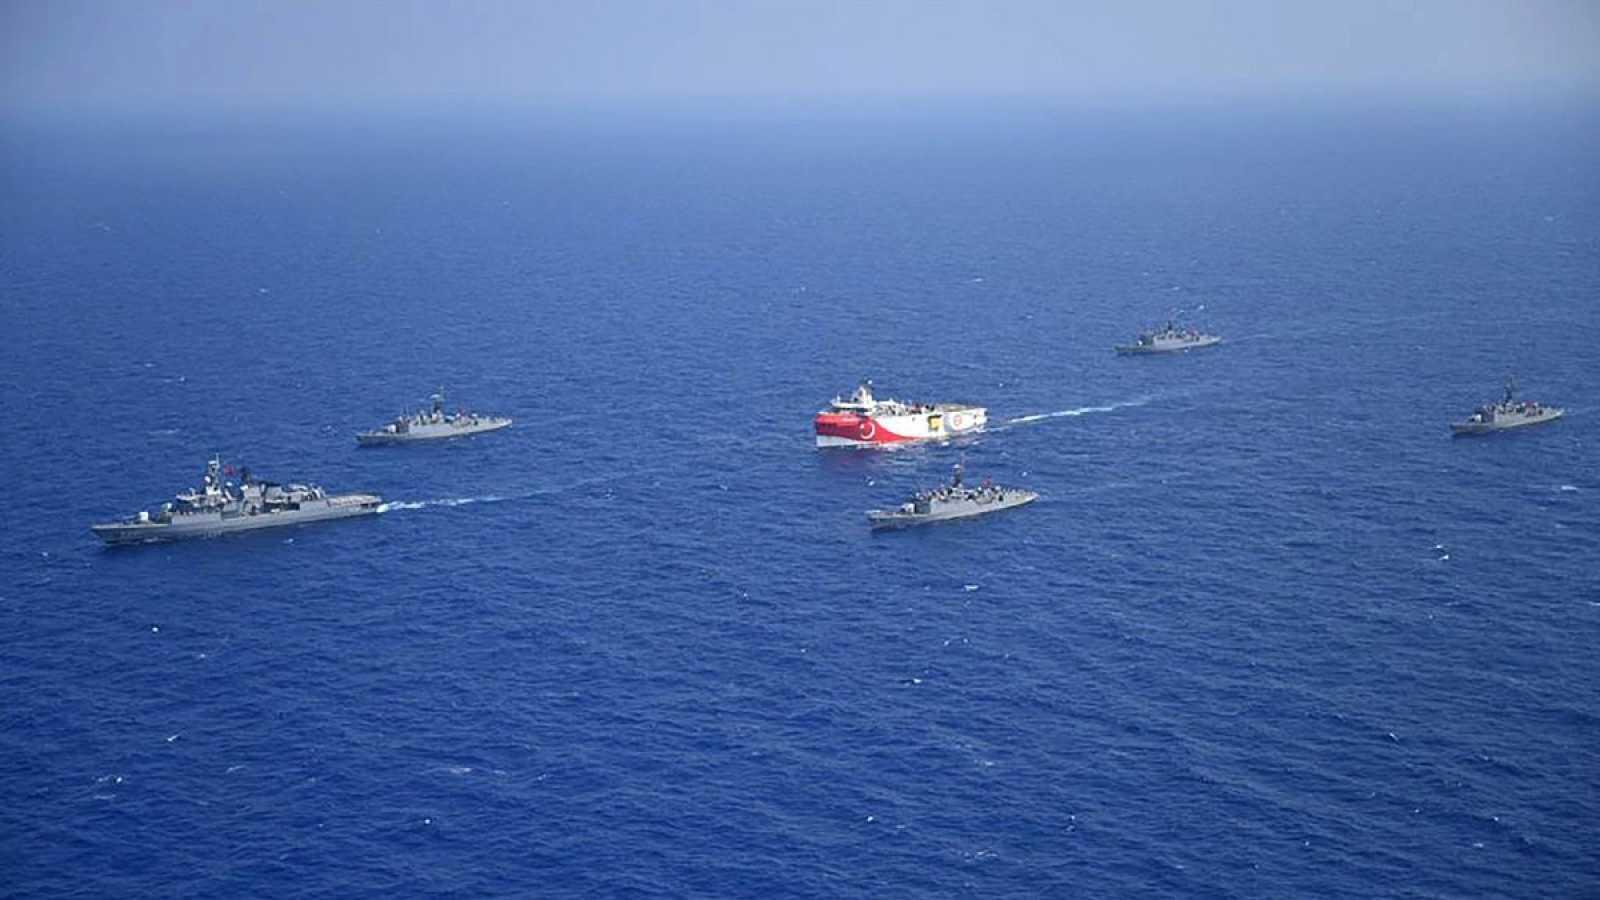 El buque sísmico 'Oruç Reis' es escoltado por barcos de la Marina turca en el Mediterráneo